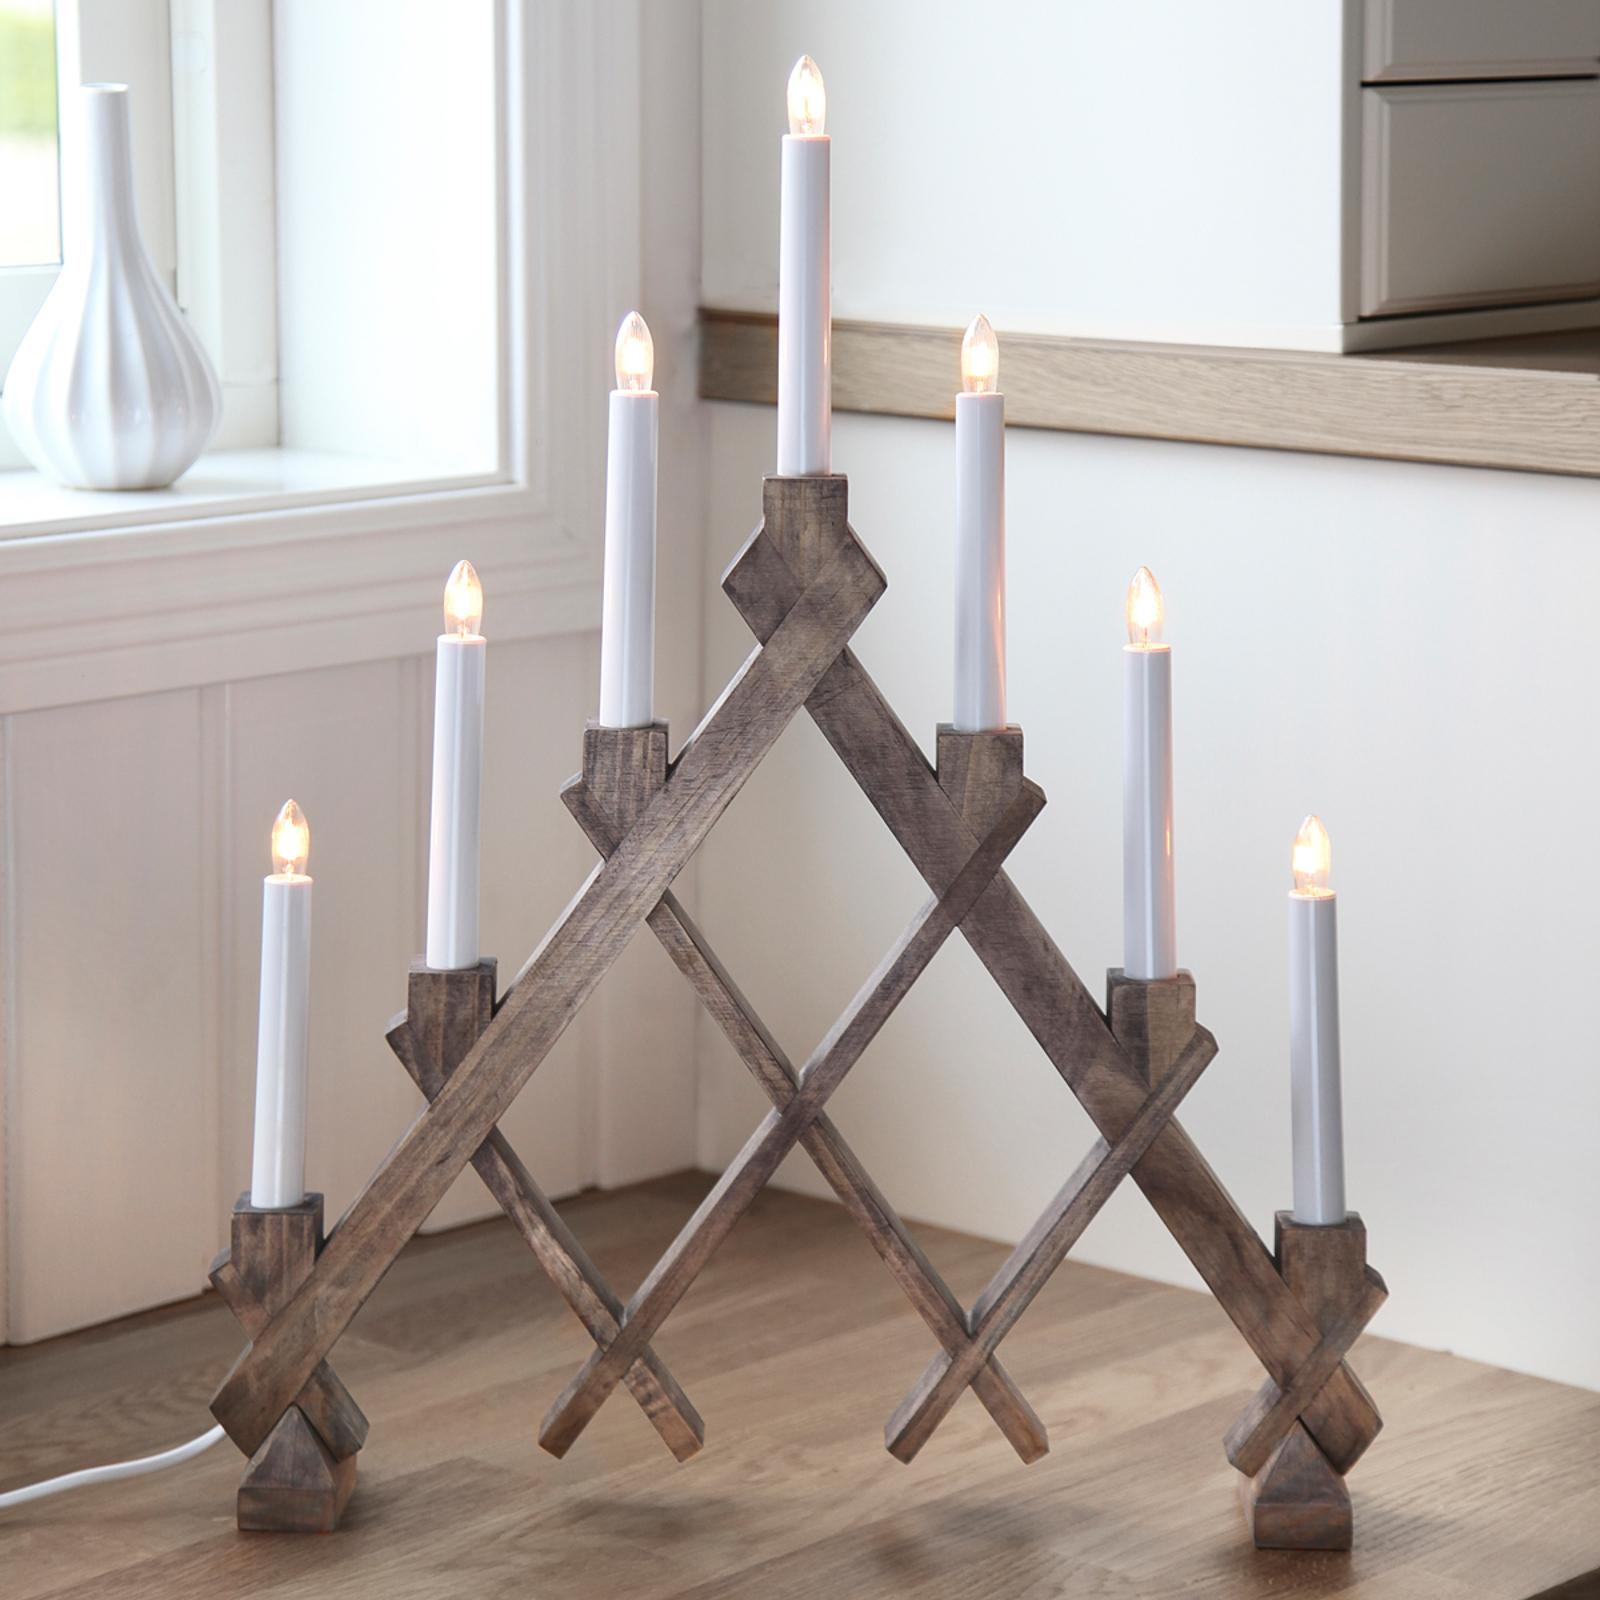 Siebenflammiger Kerzenleuchter Rut braun